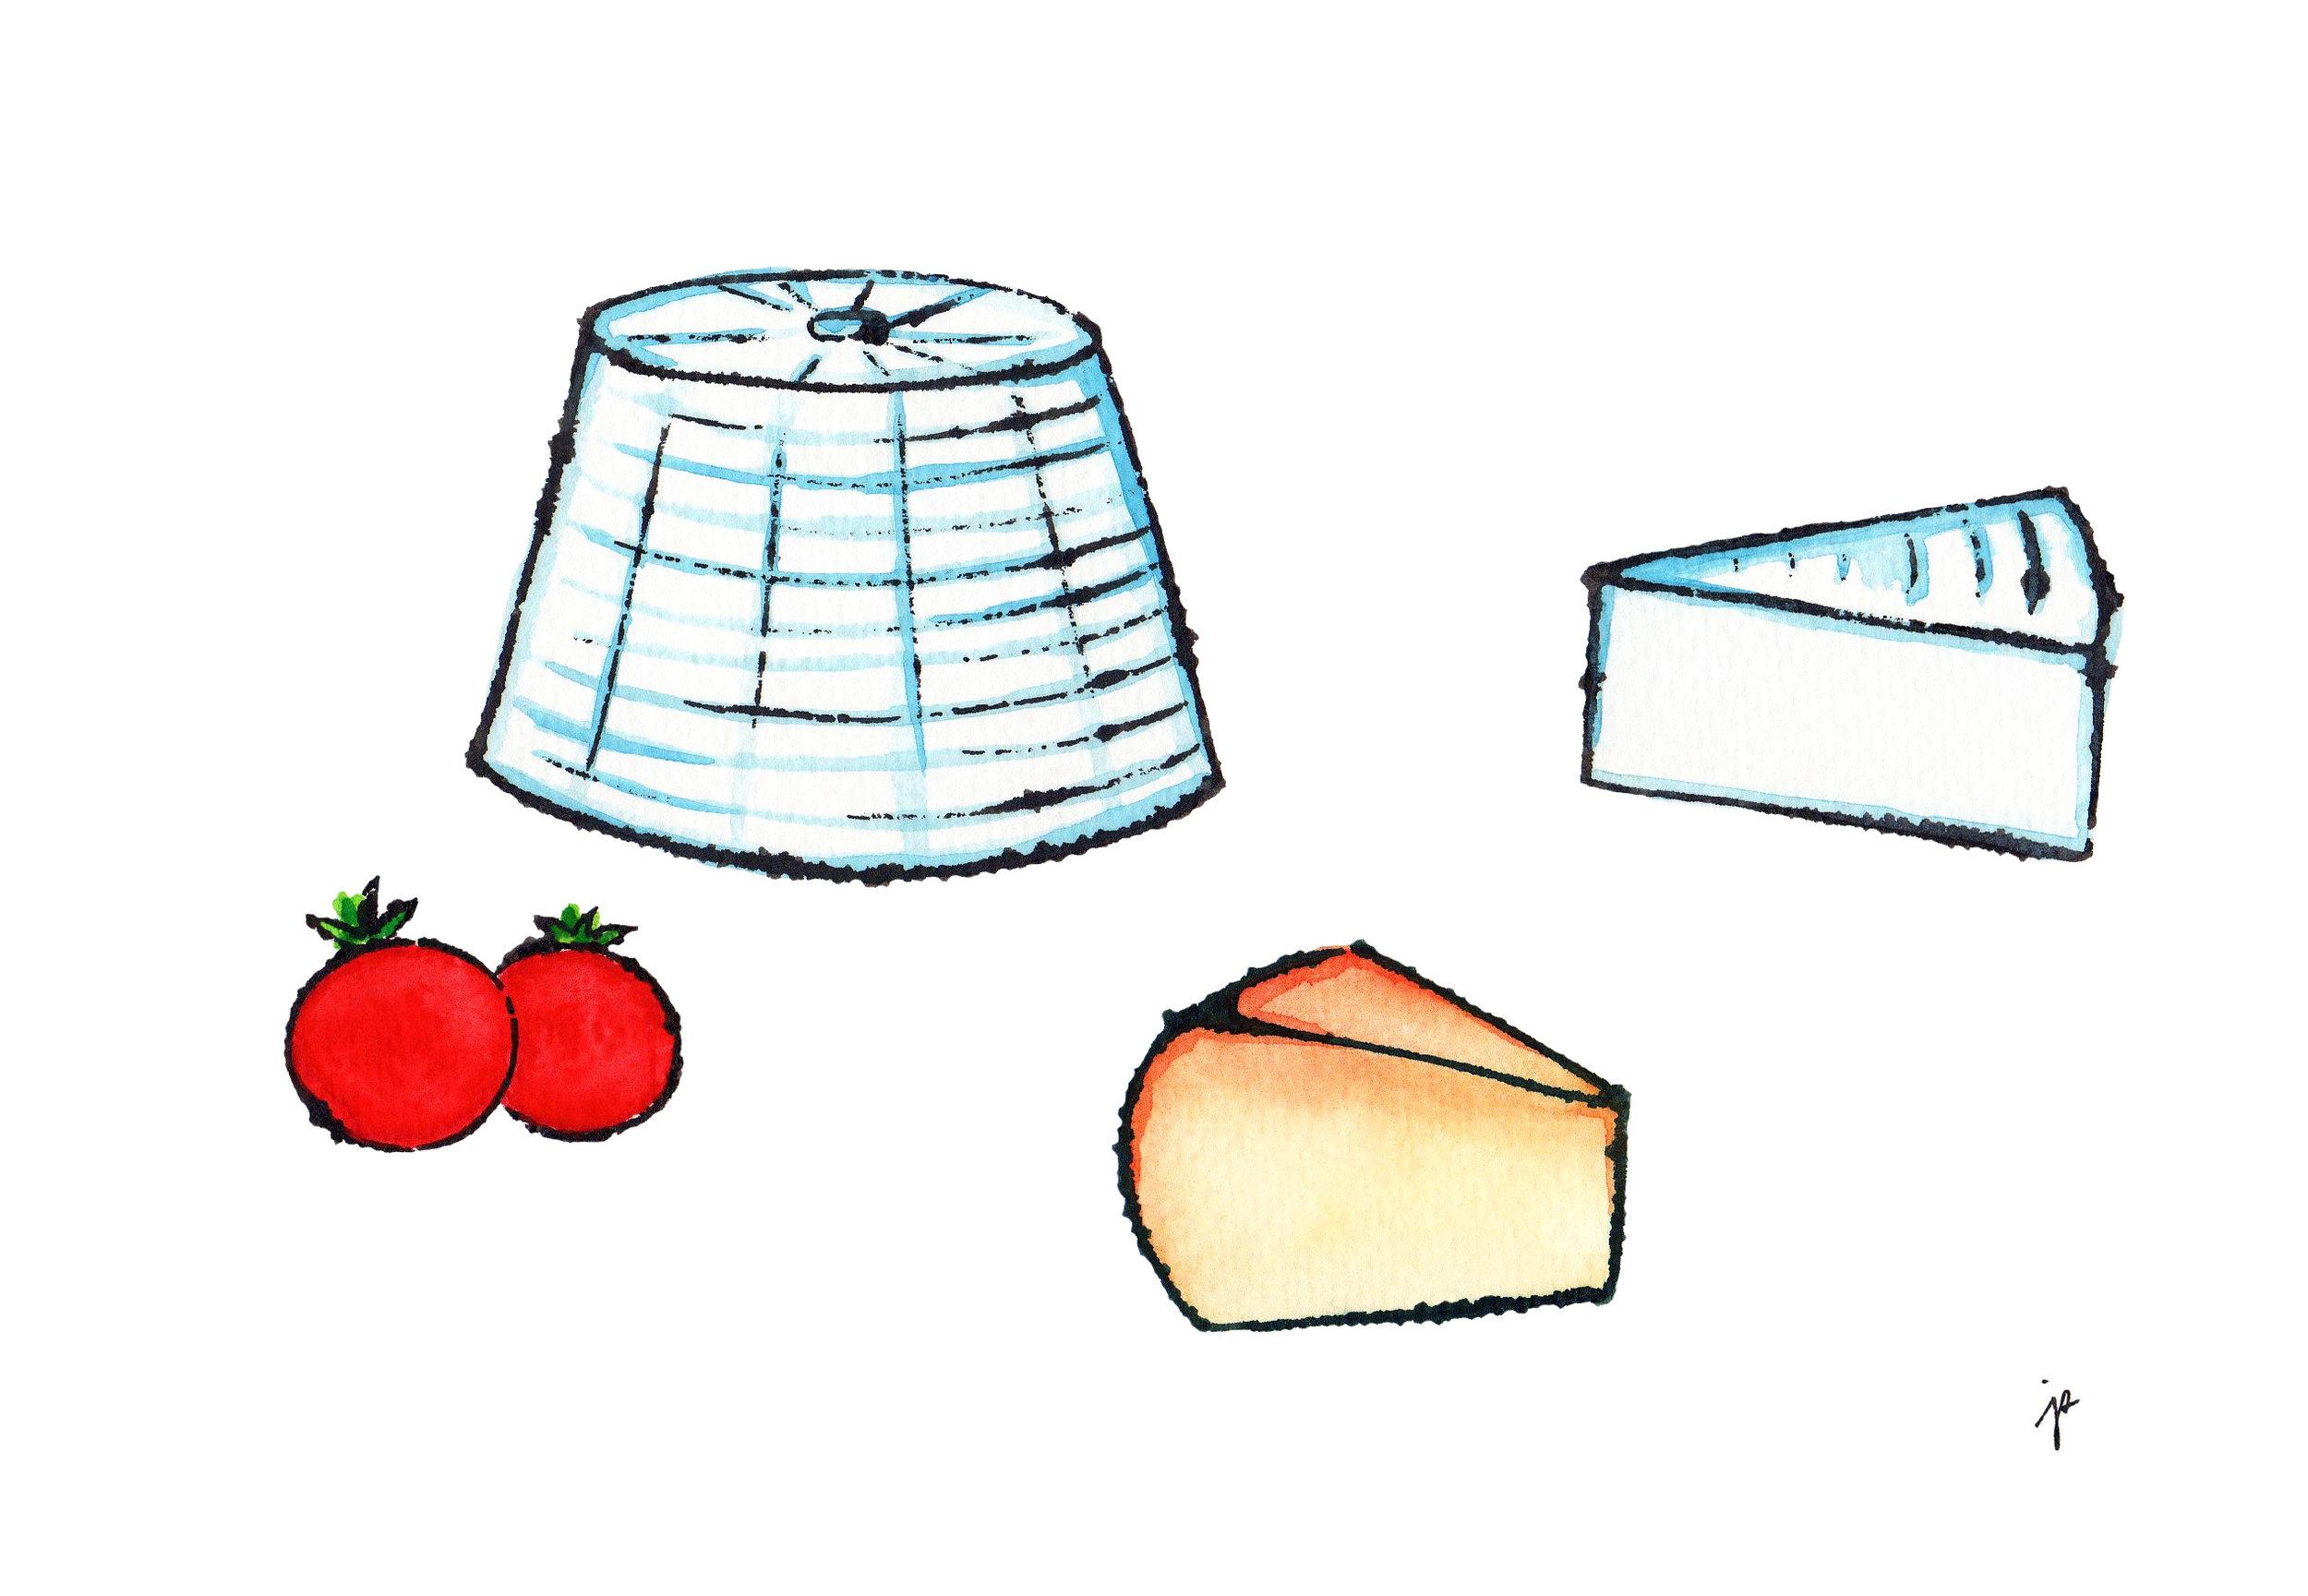 cheese_ricotta_jodisam.jpg